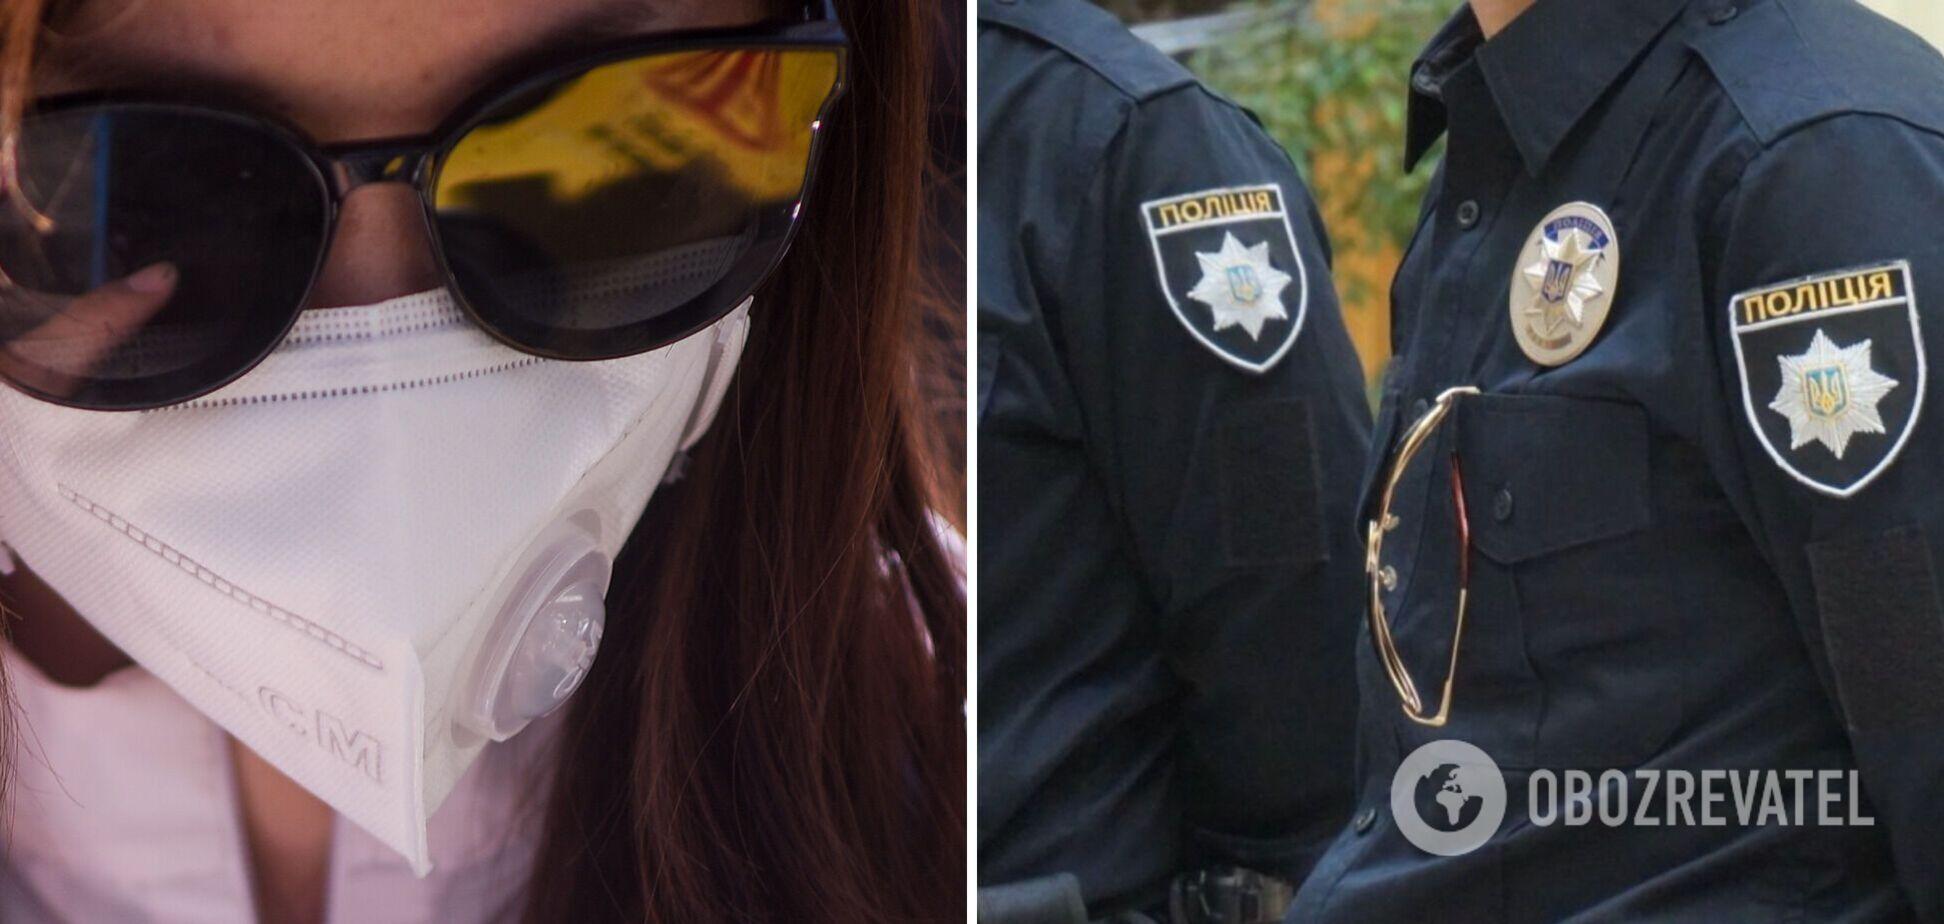 В Україні за місяць жорсткого карантину виписали понад 40 тис. штрафів за відсутність маски: кого і як карали